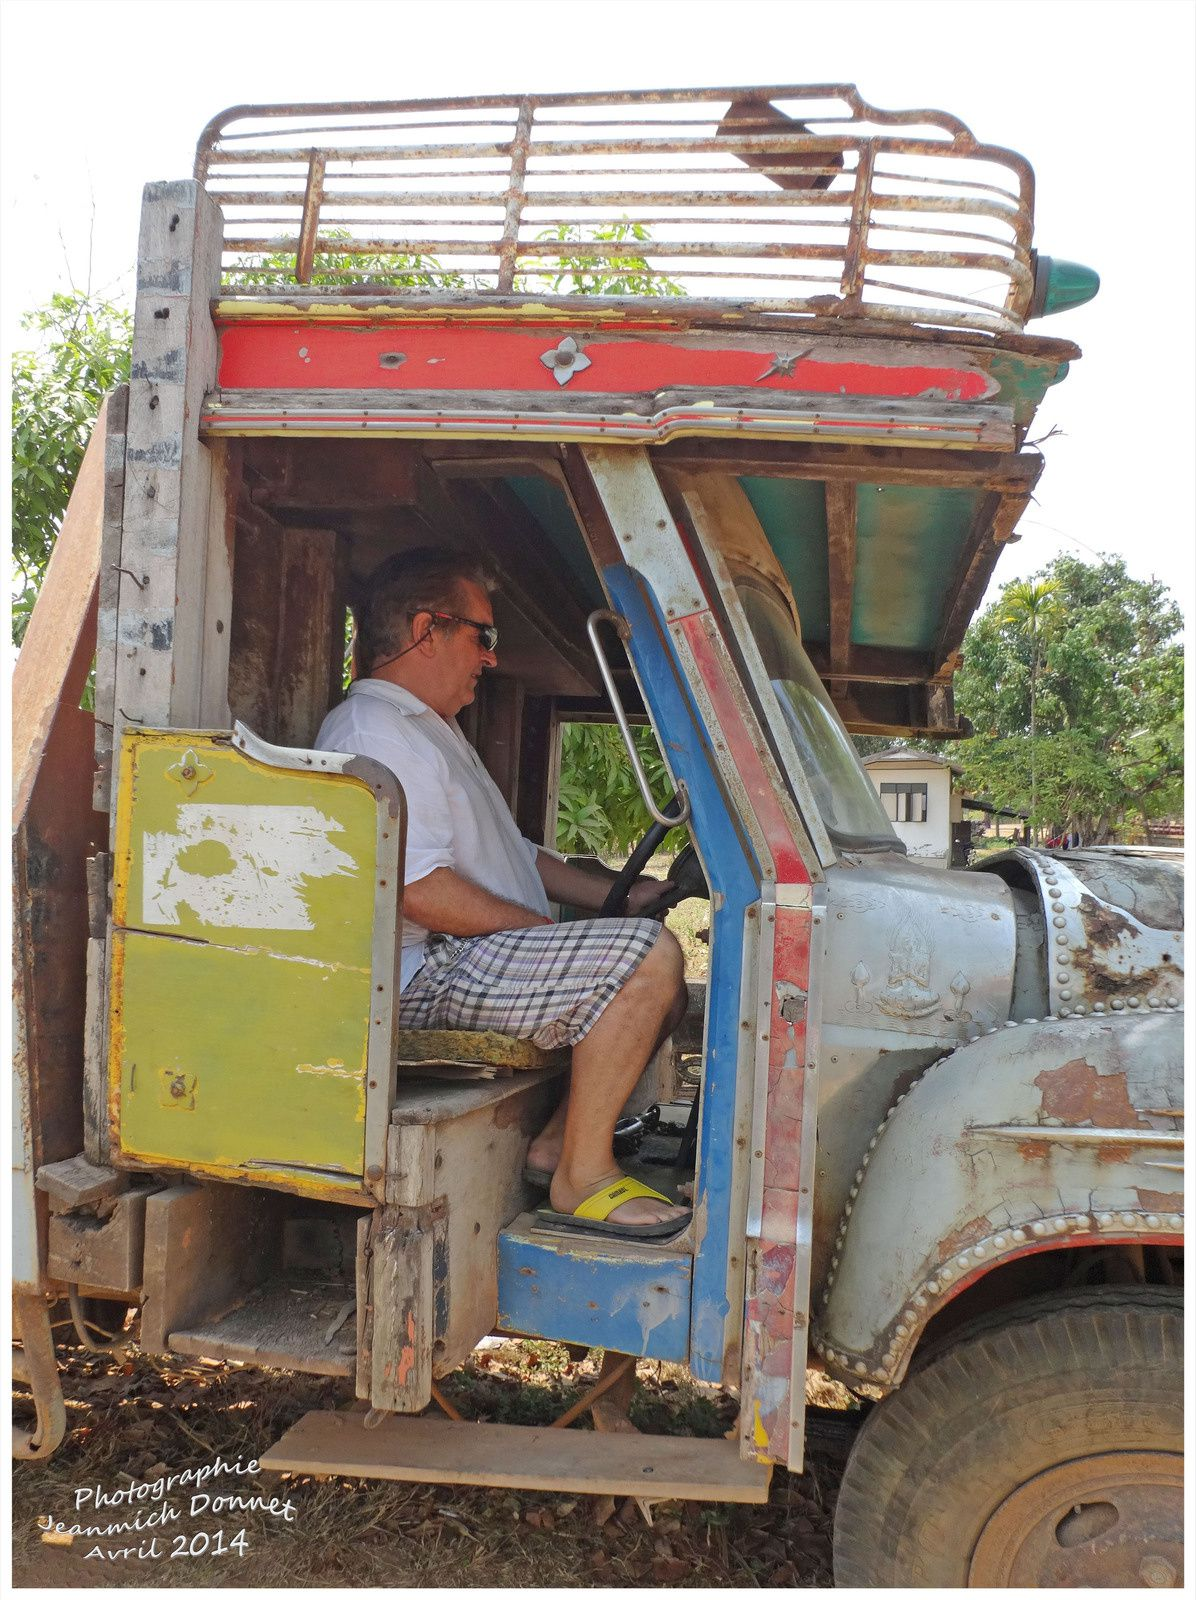 Mon ami Paul au volant..... et posant fièrement à ses côtés..., serait'il tenté de l'échanger avec son puissant combi????